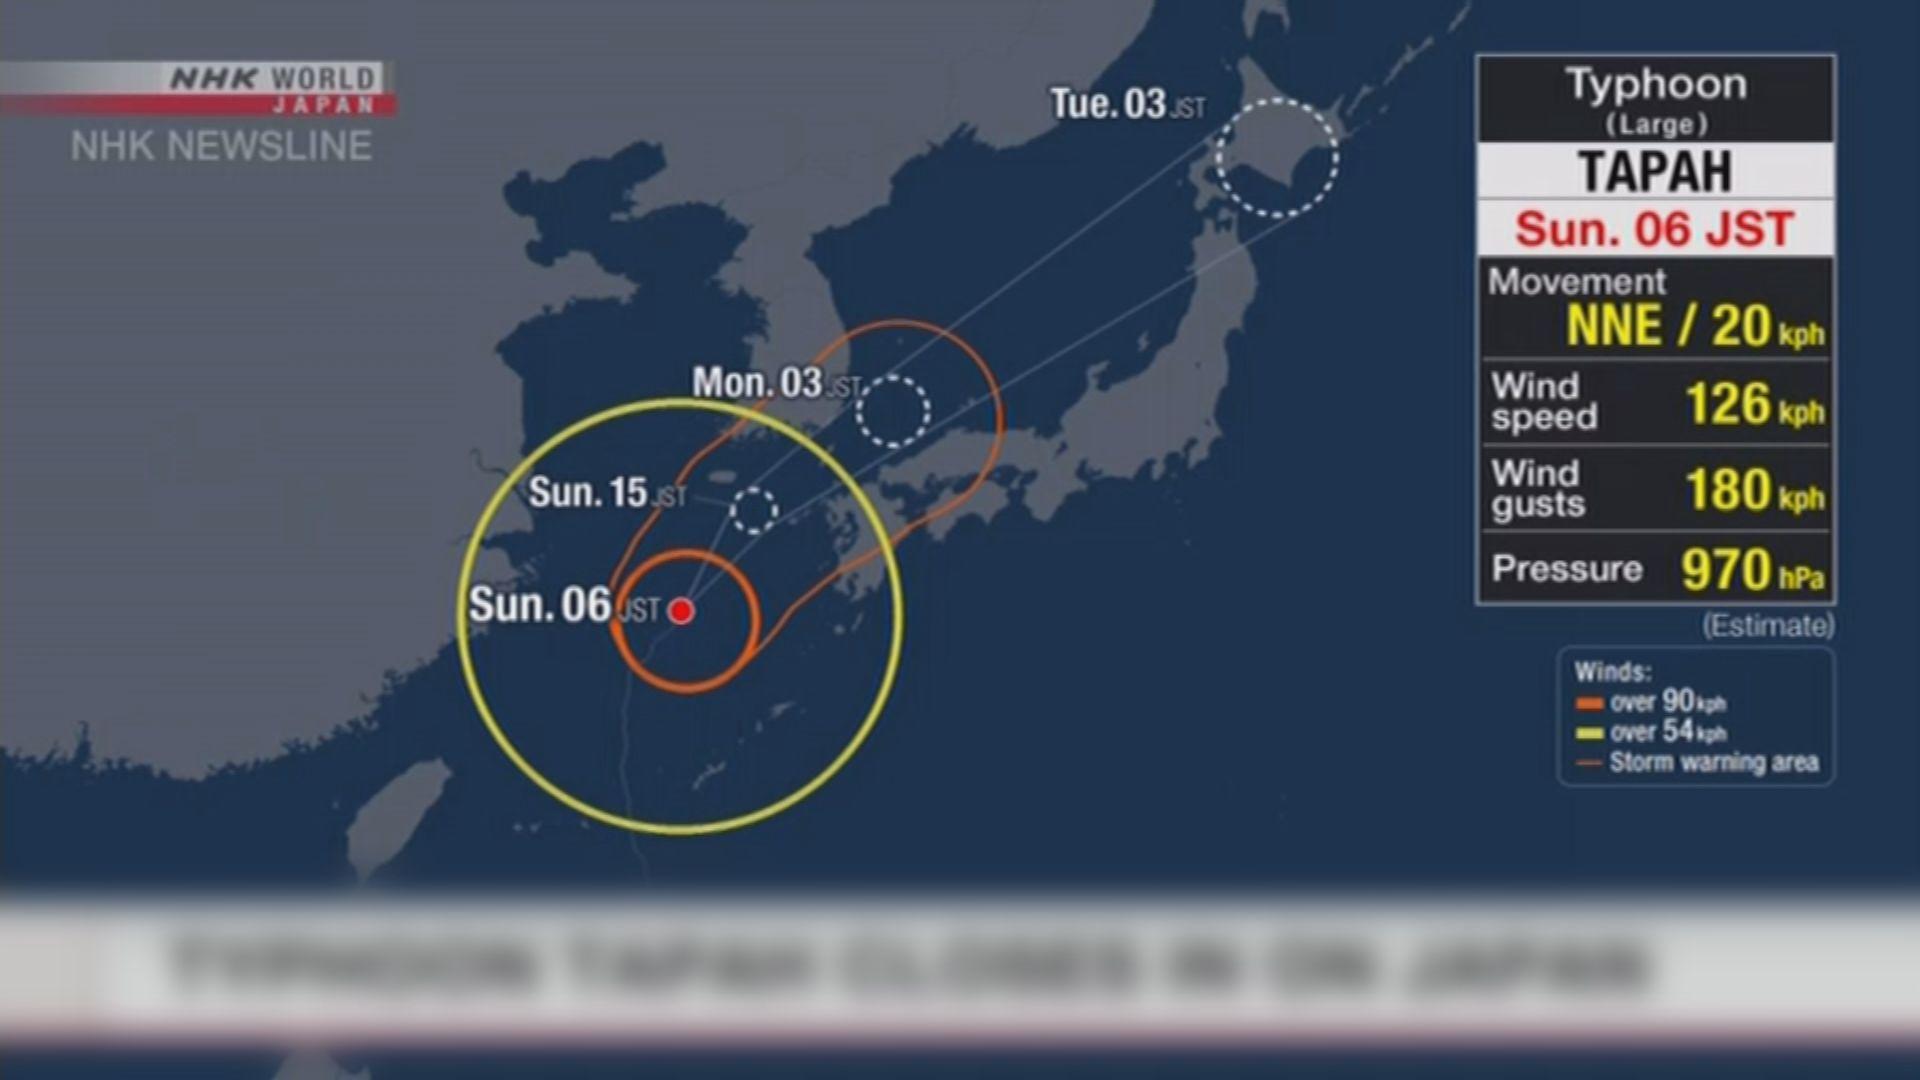 颱風塔巴逼近日本料趨向九州北部